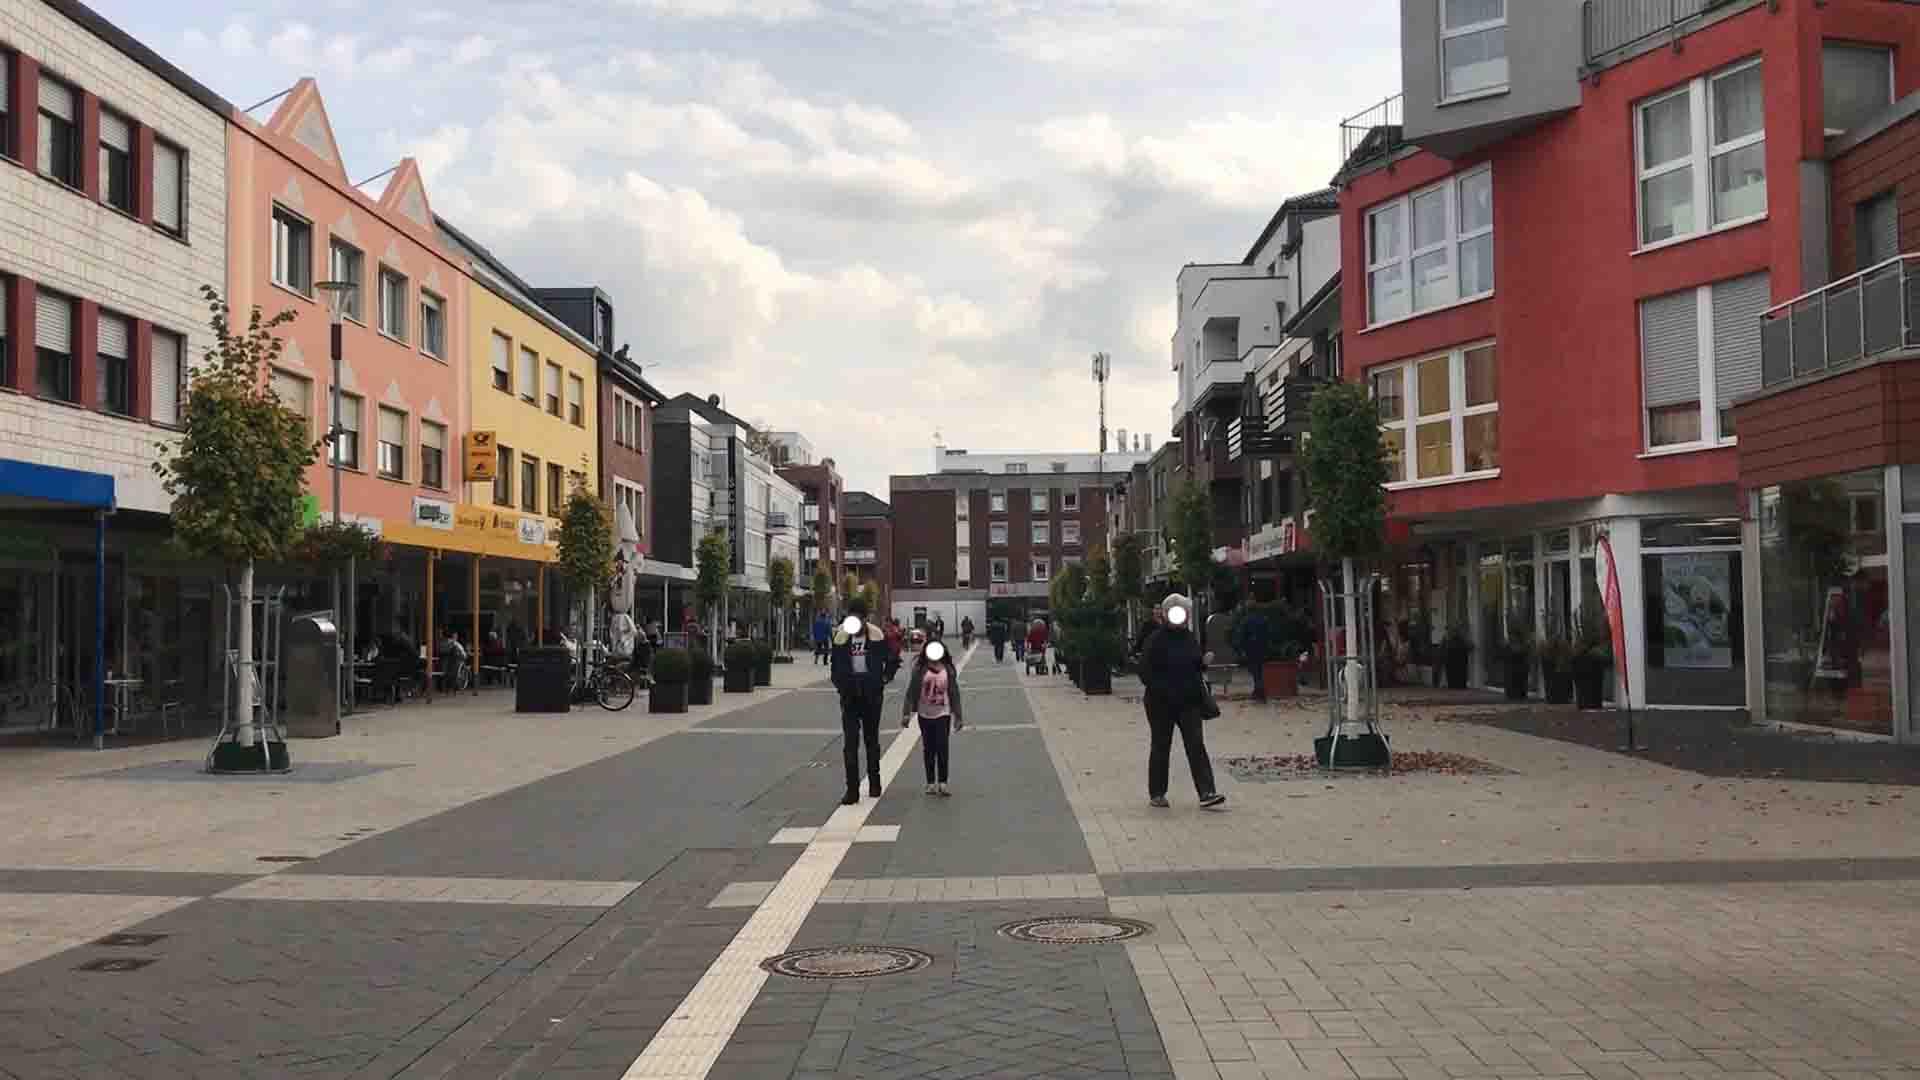 Städtische Wirtschaftsförderung und Werbering wollen Angebote machen